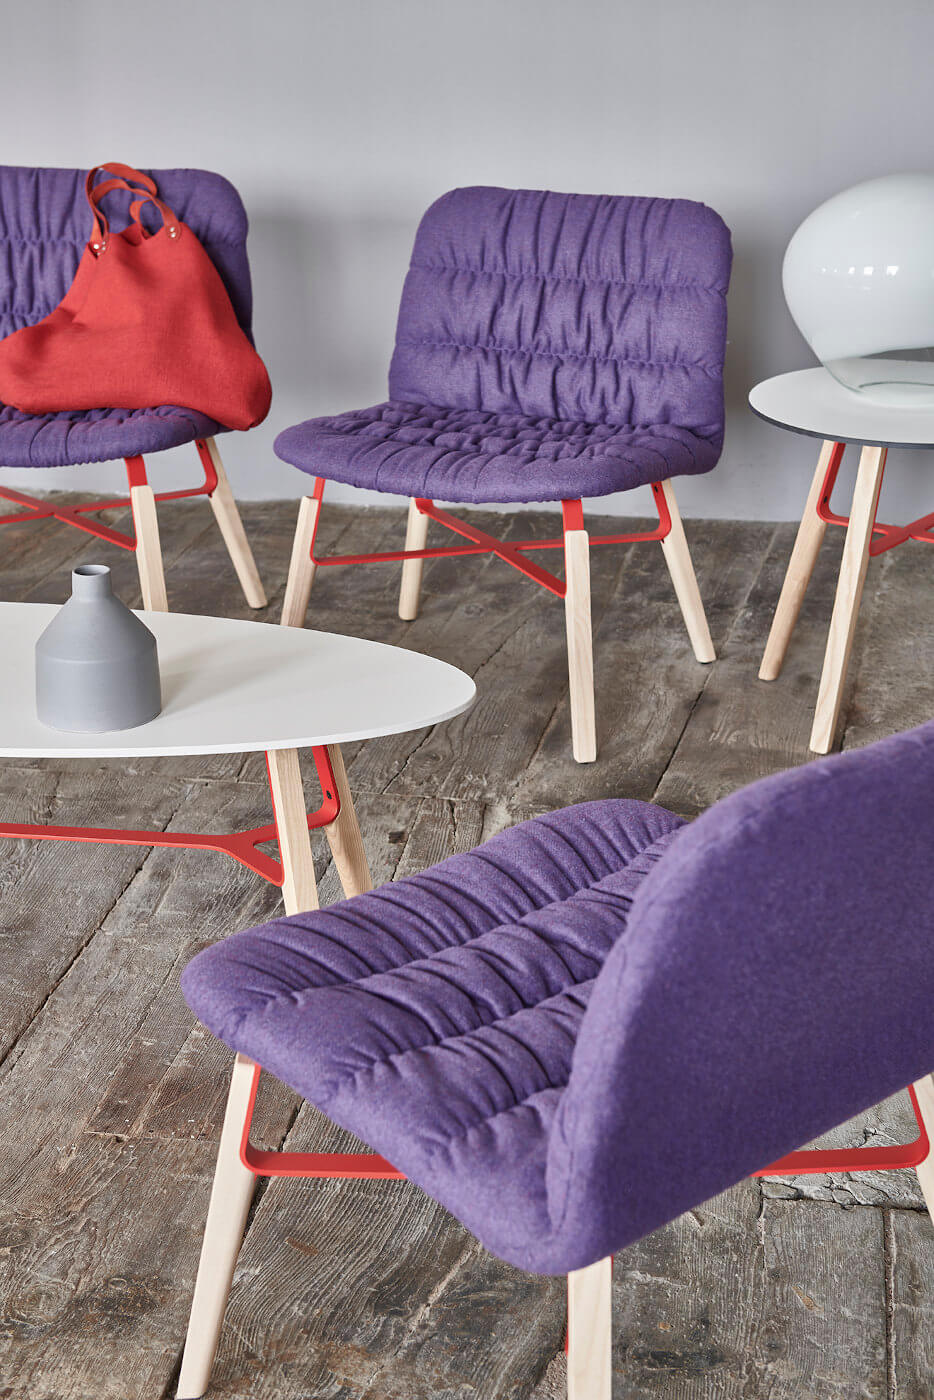 Poltrona per sala d'attesa Liù con seduta in tessuto viola e gambe in legno e acciaio verniciato viola